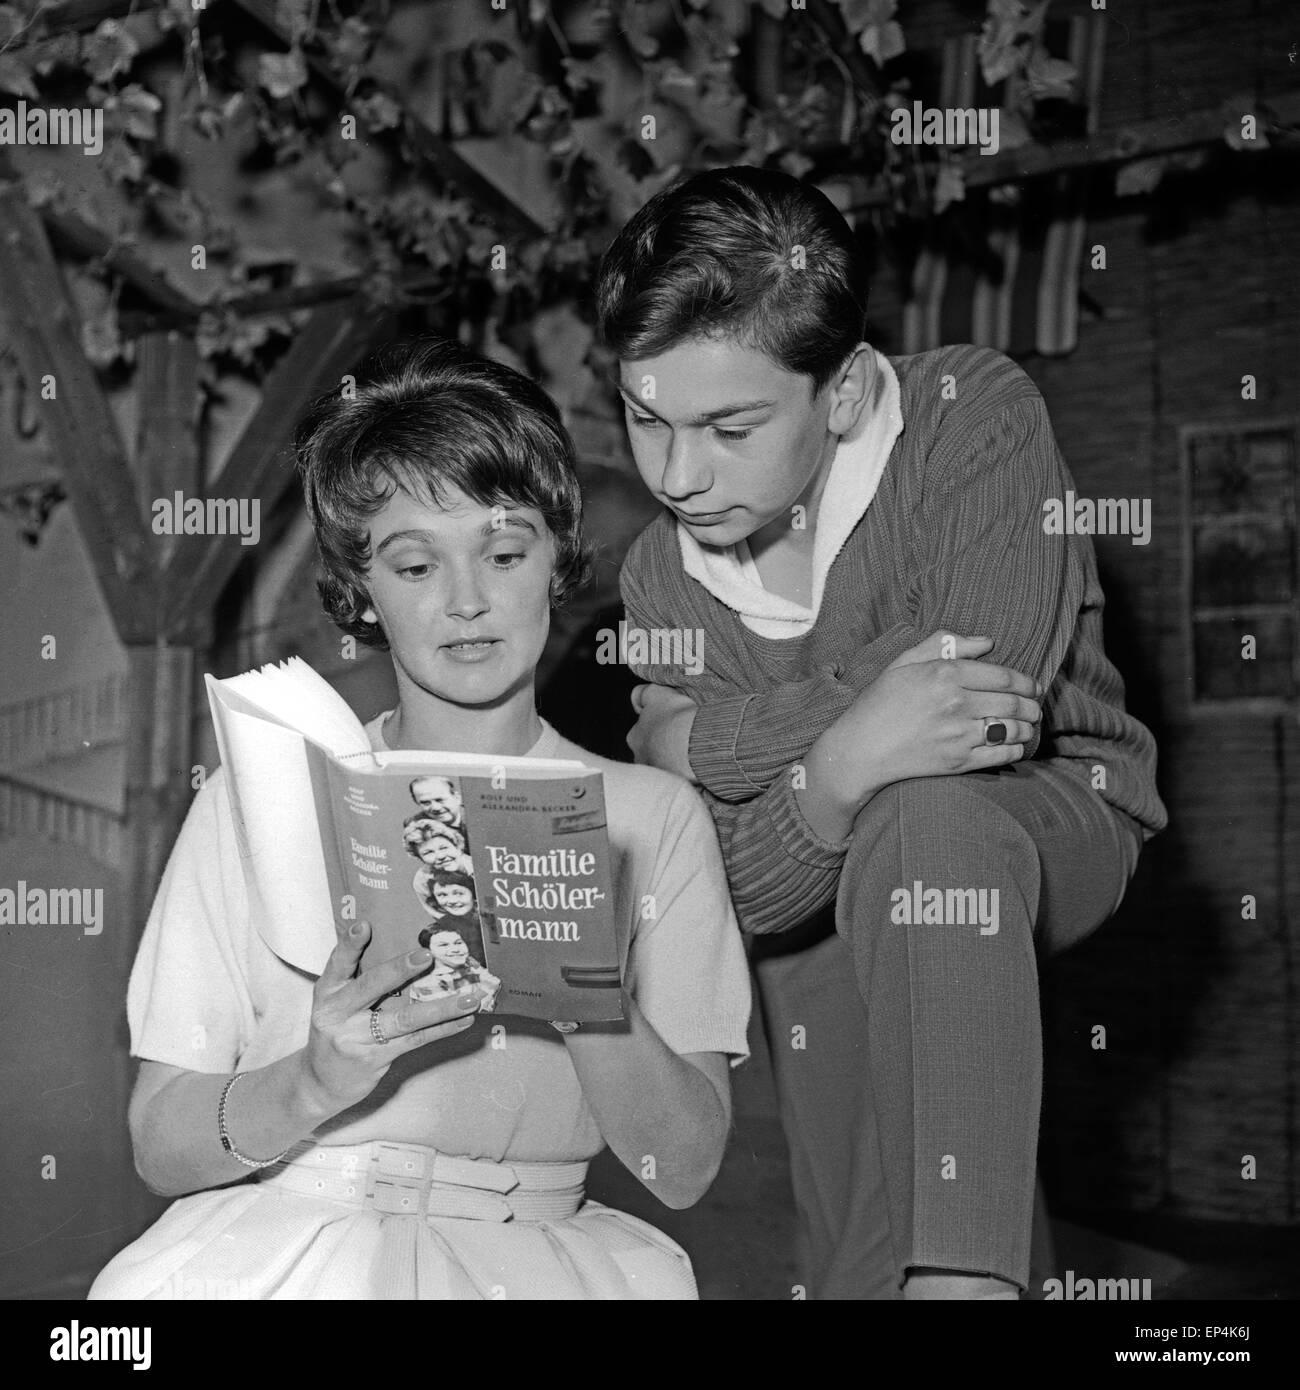 Unsere Nachbarn heute abend - Familie Schölermann, Deutschland 1954 - 1960, Fernsehserie, Regie: Ruprecht Essberger, - Stock Image